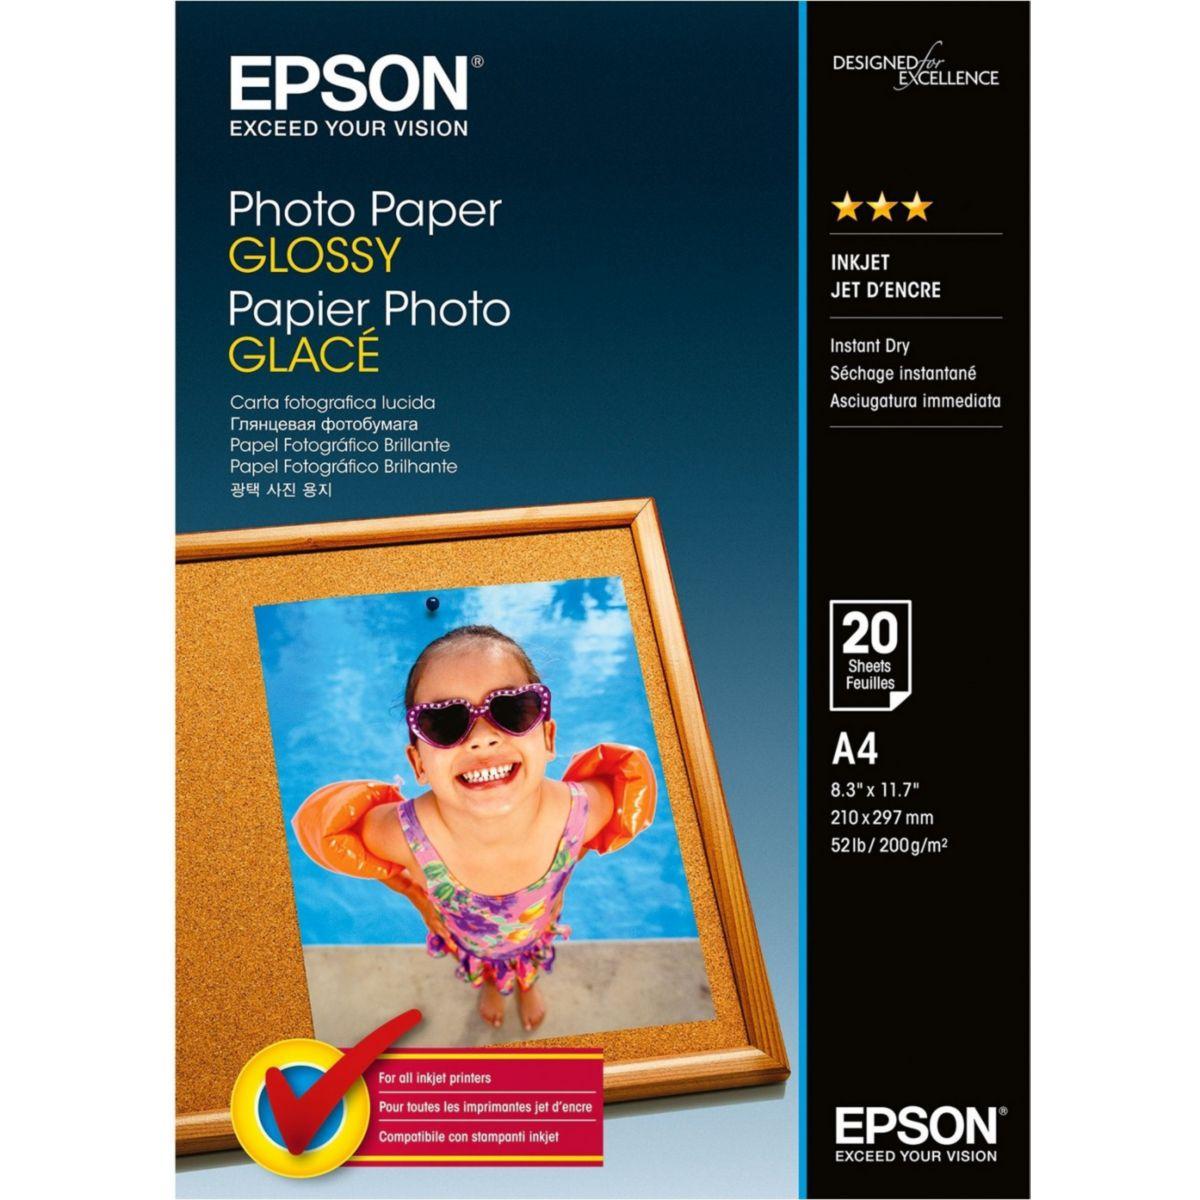 Papier photo EPSON glacé 200g A4 20 feuilles